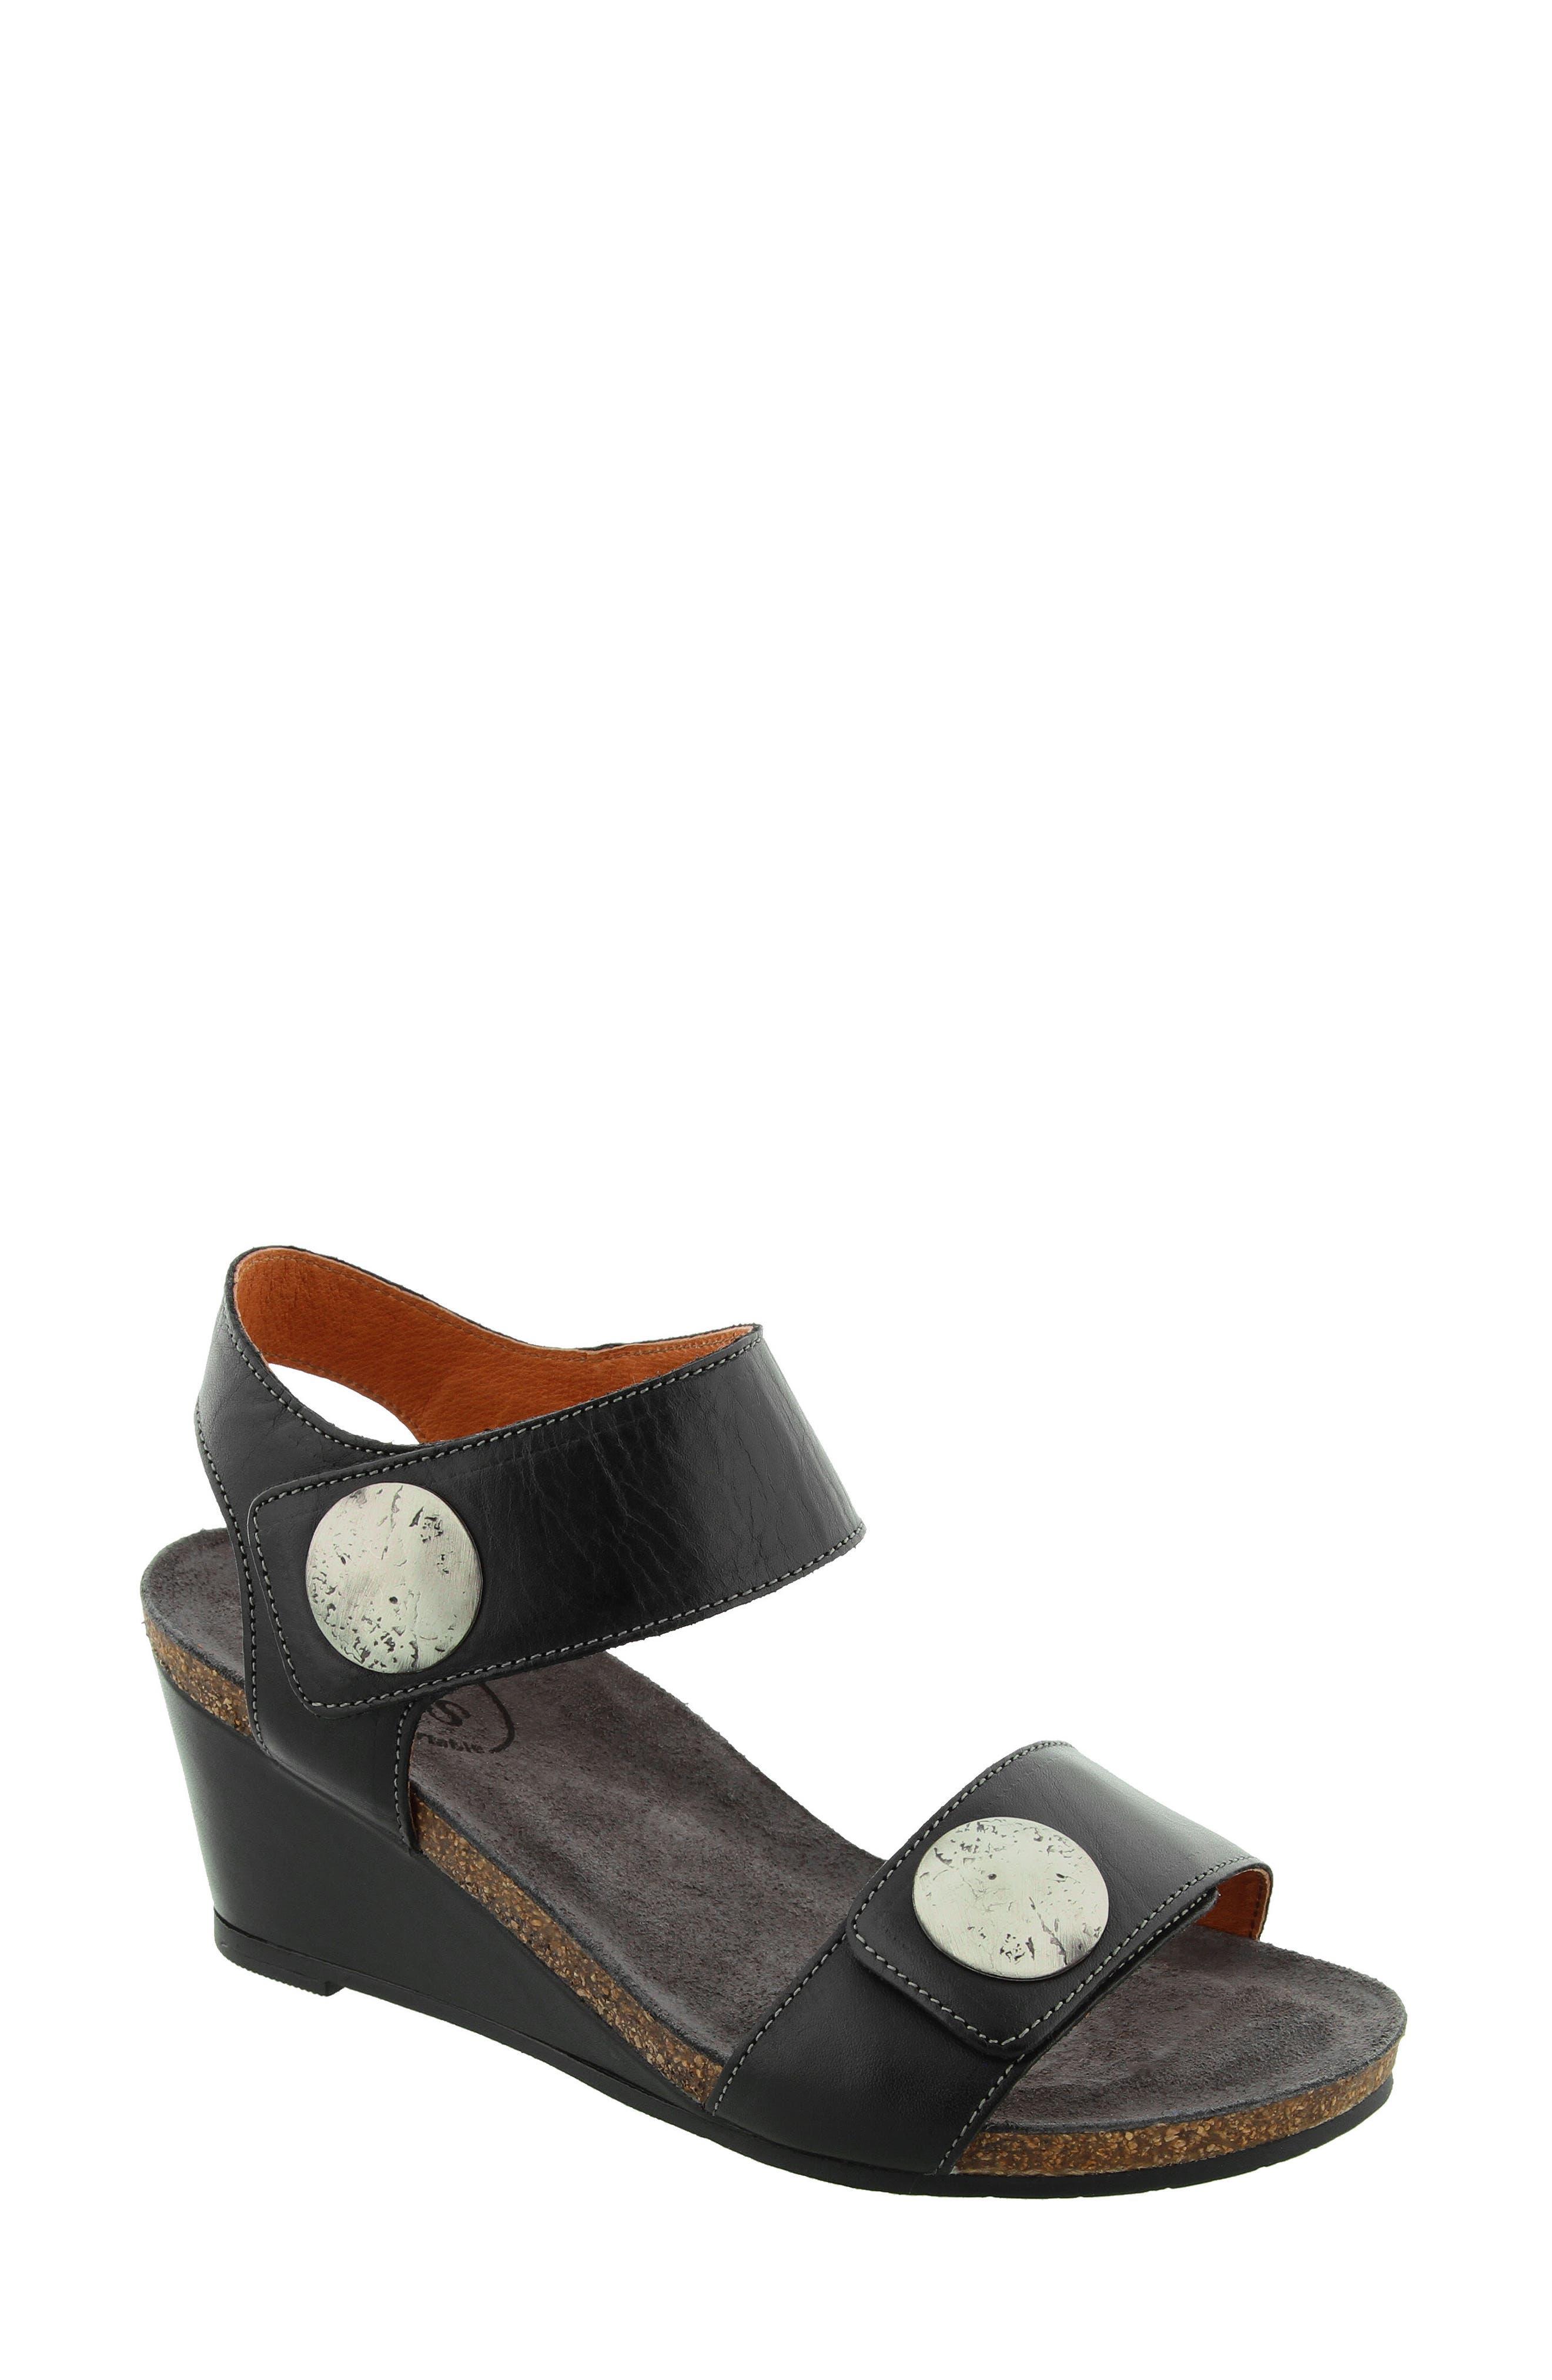 Taos   'Carousel 2' Wedge Sandal